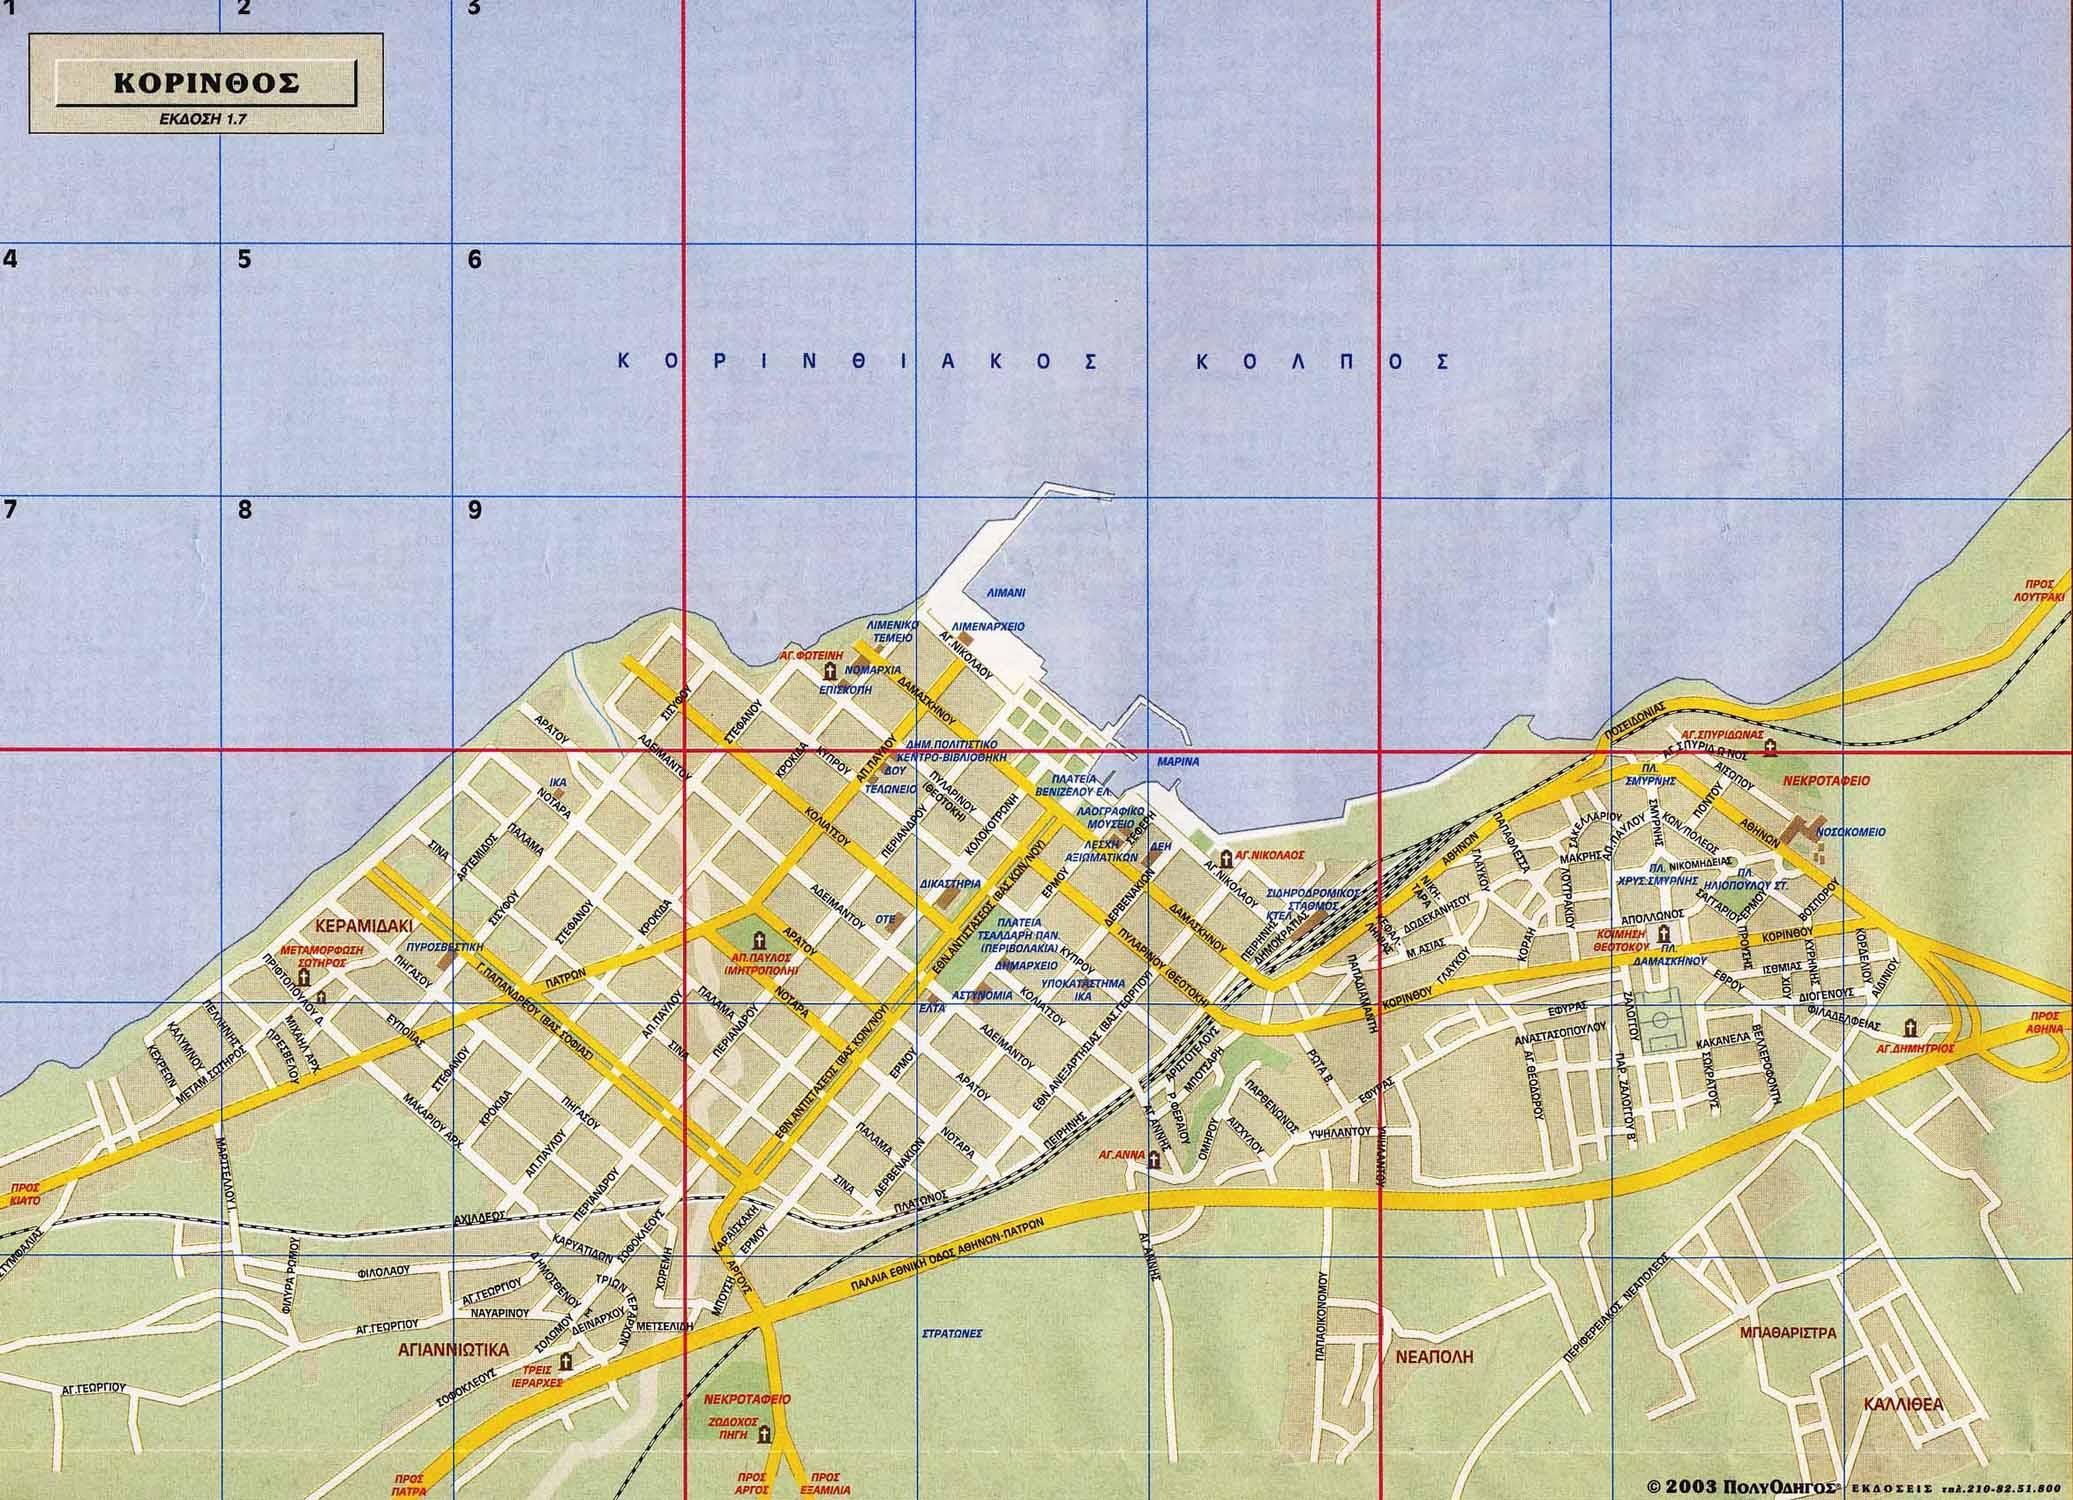 Αποτέλεσμα εικόνας για κορινθος χαρτης